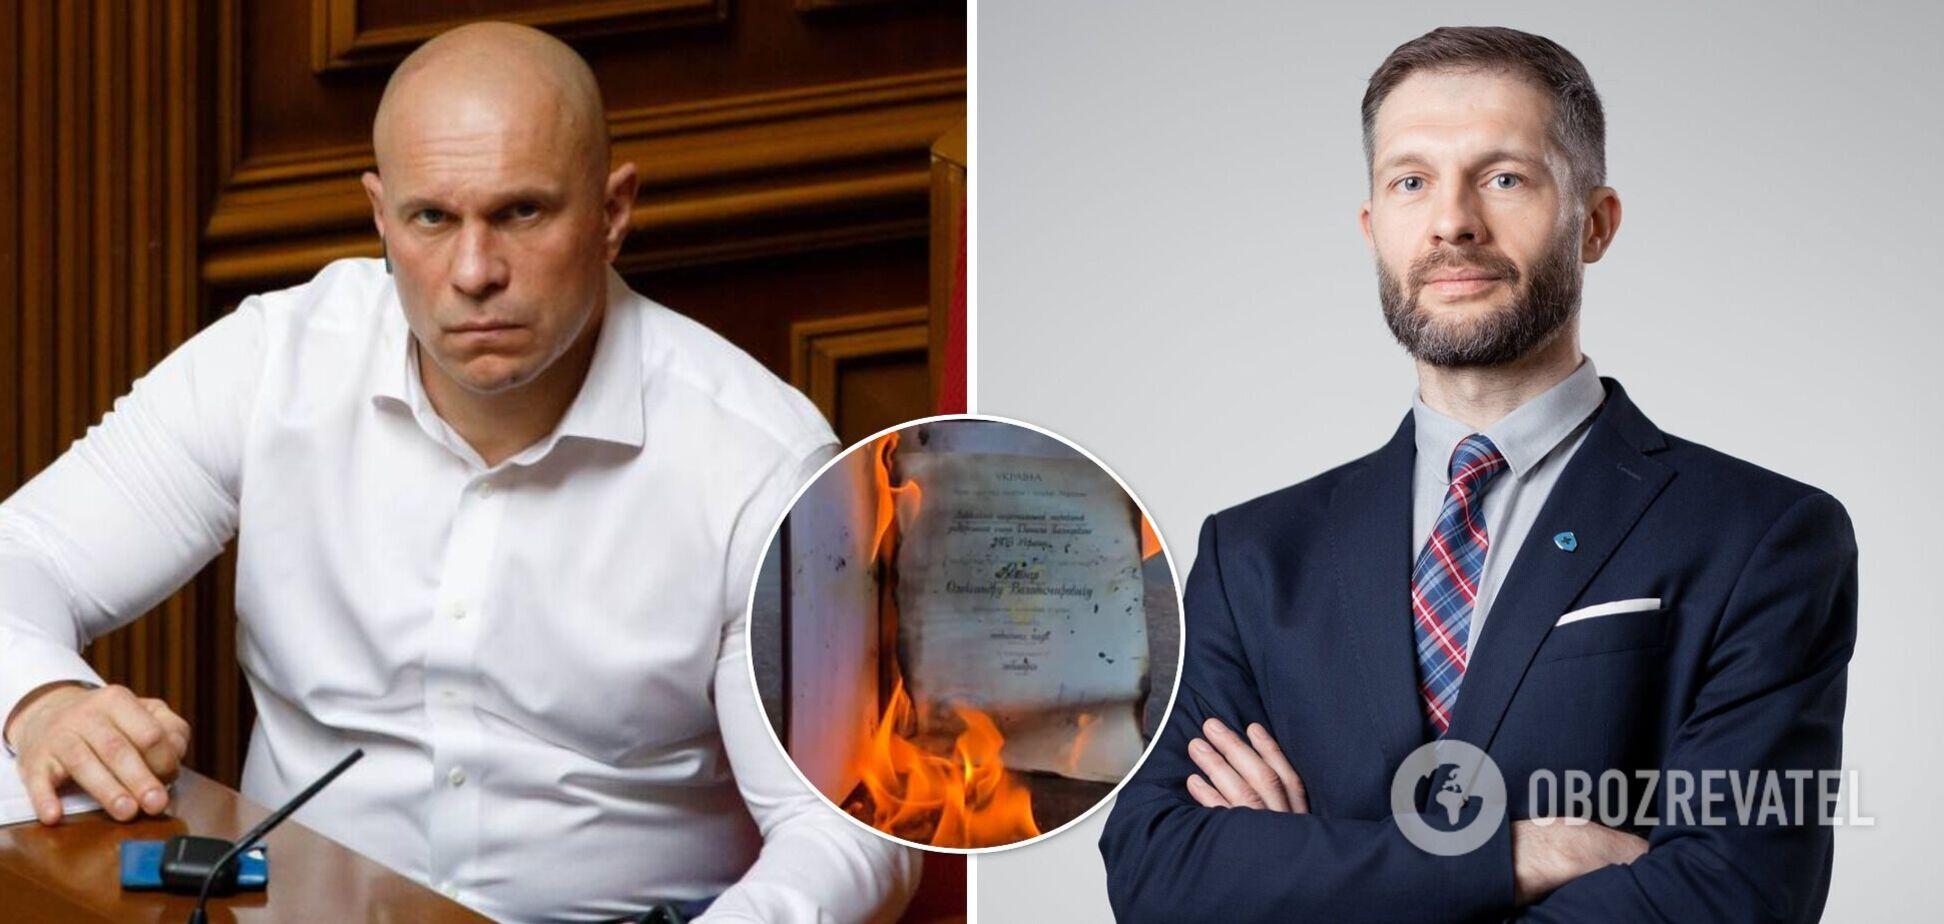 У Львові кандидат наук спалив свій диплом через дисертацію Киви. Фото